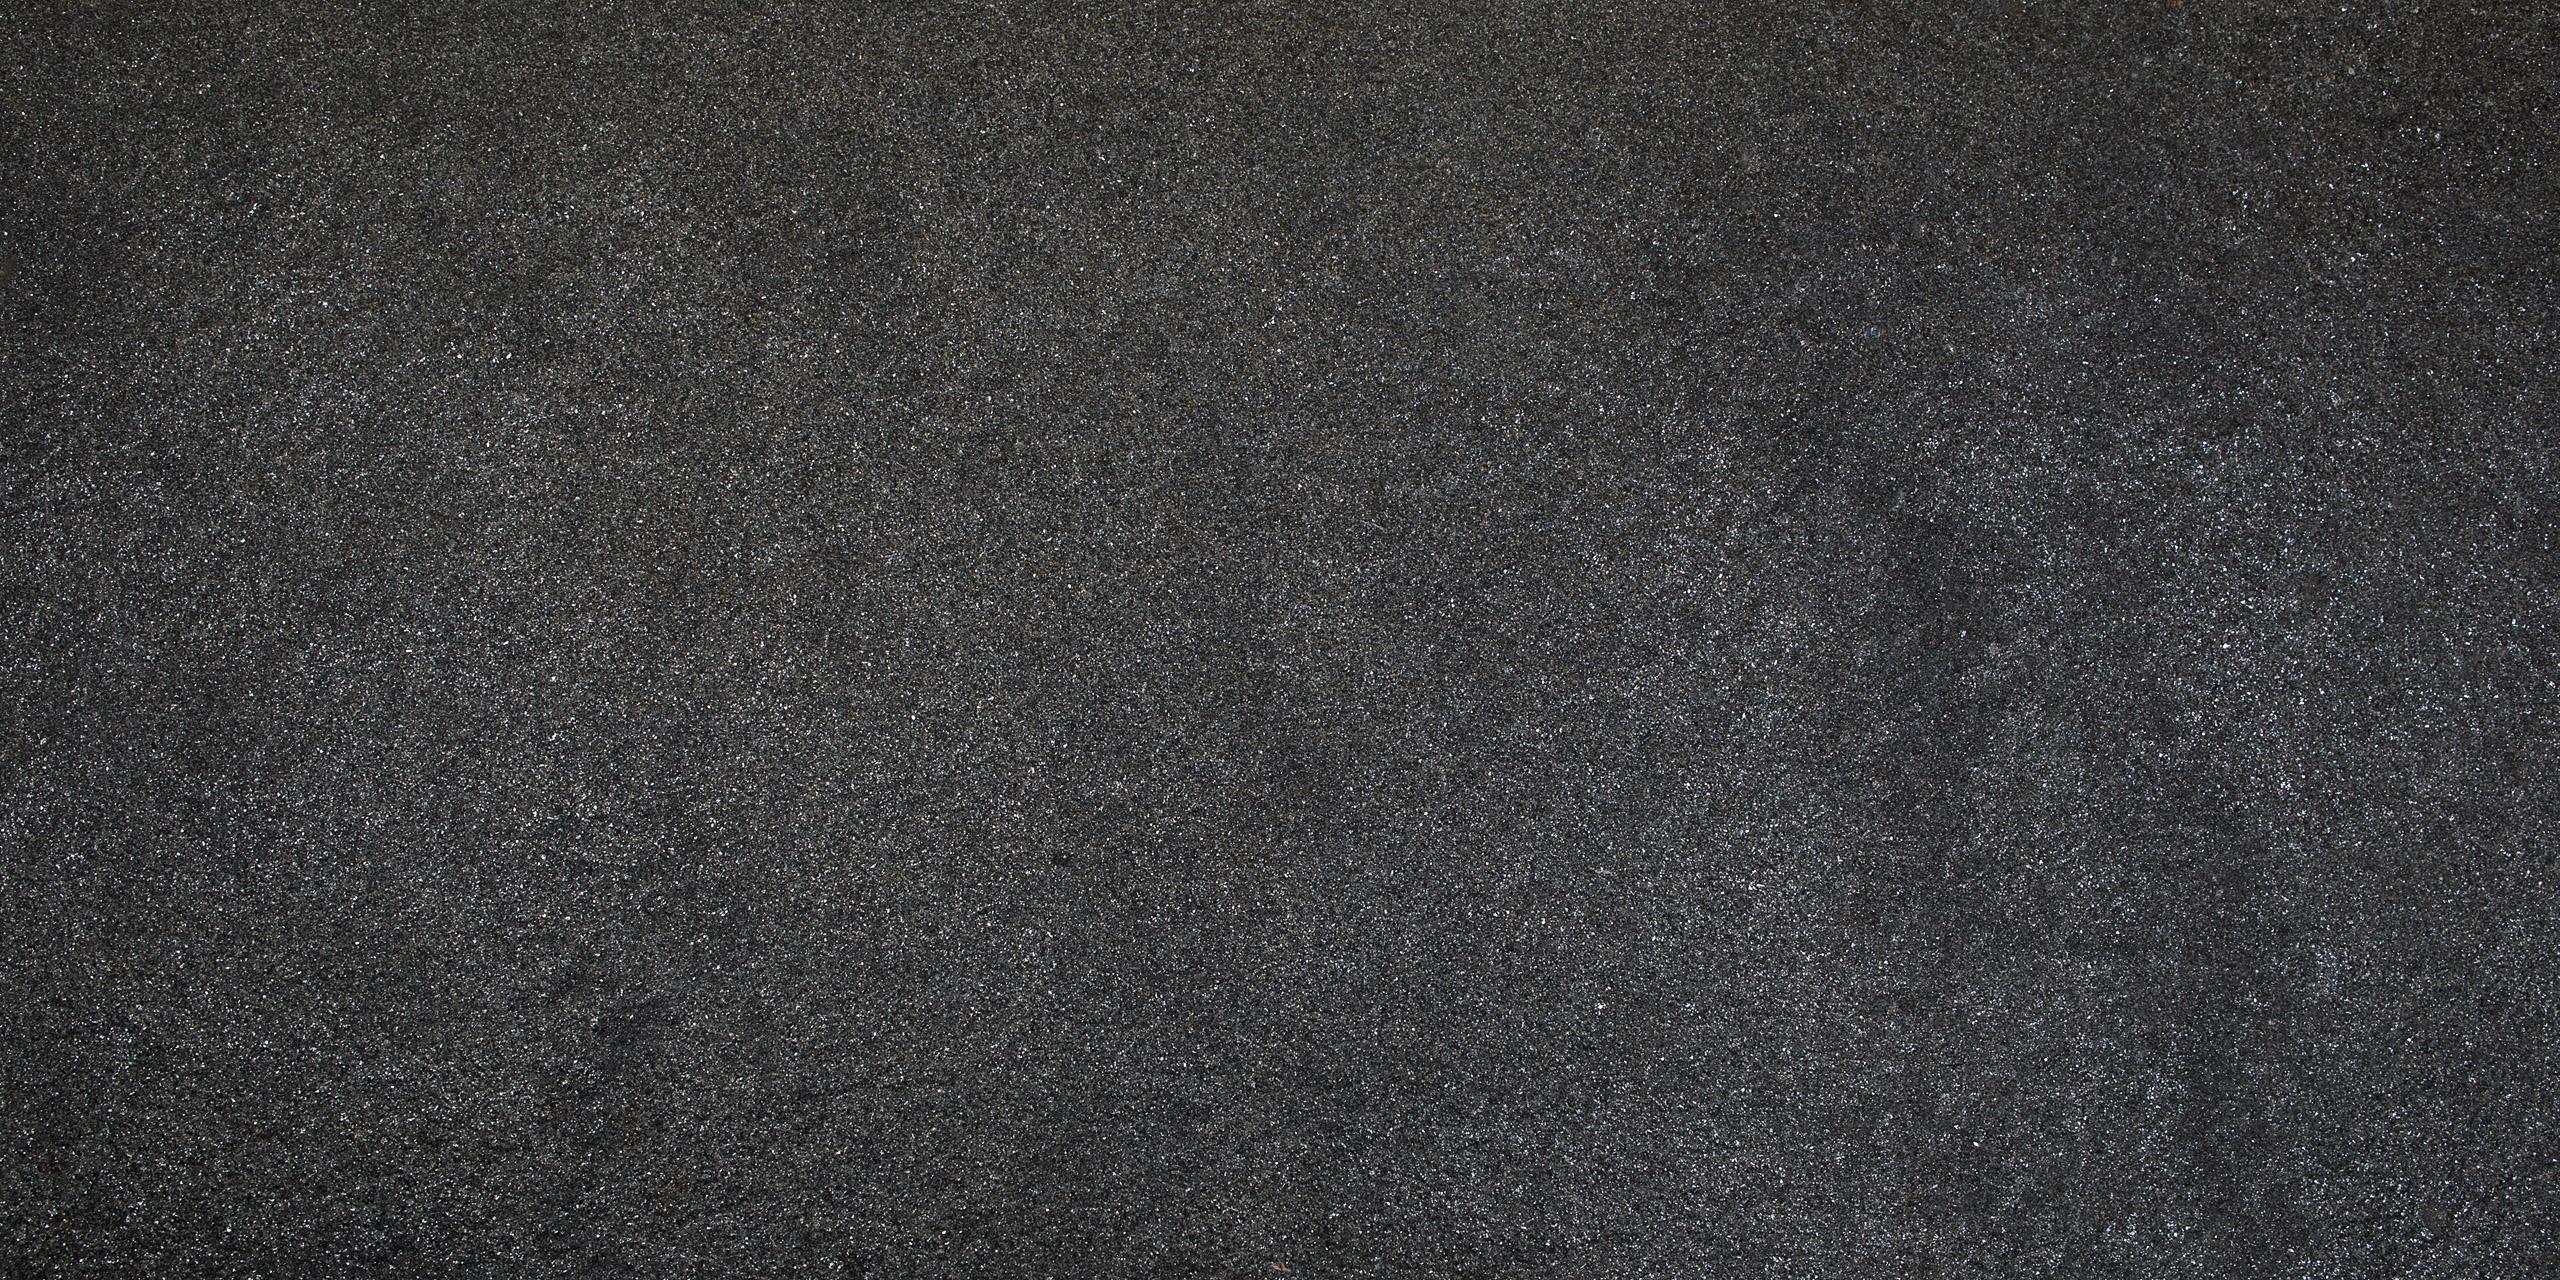 Black-Shimmer